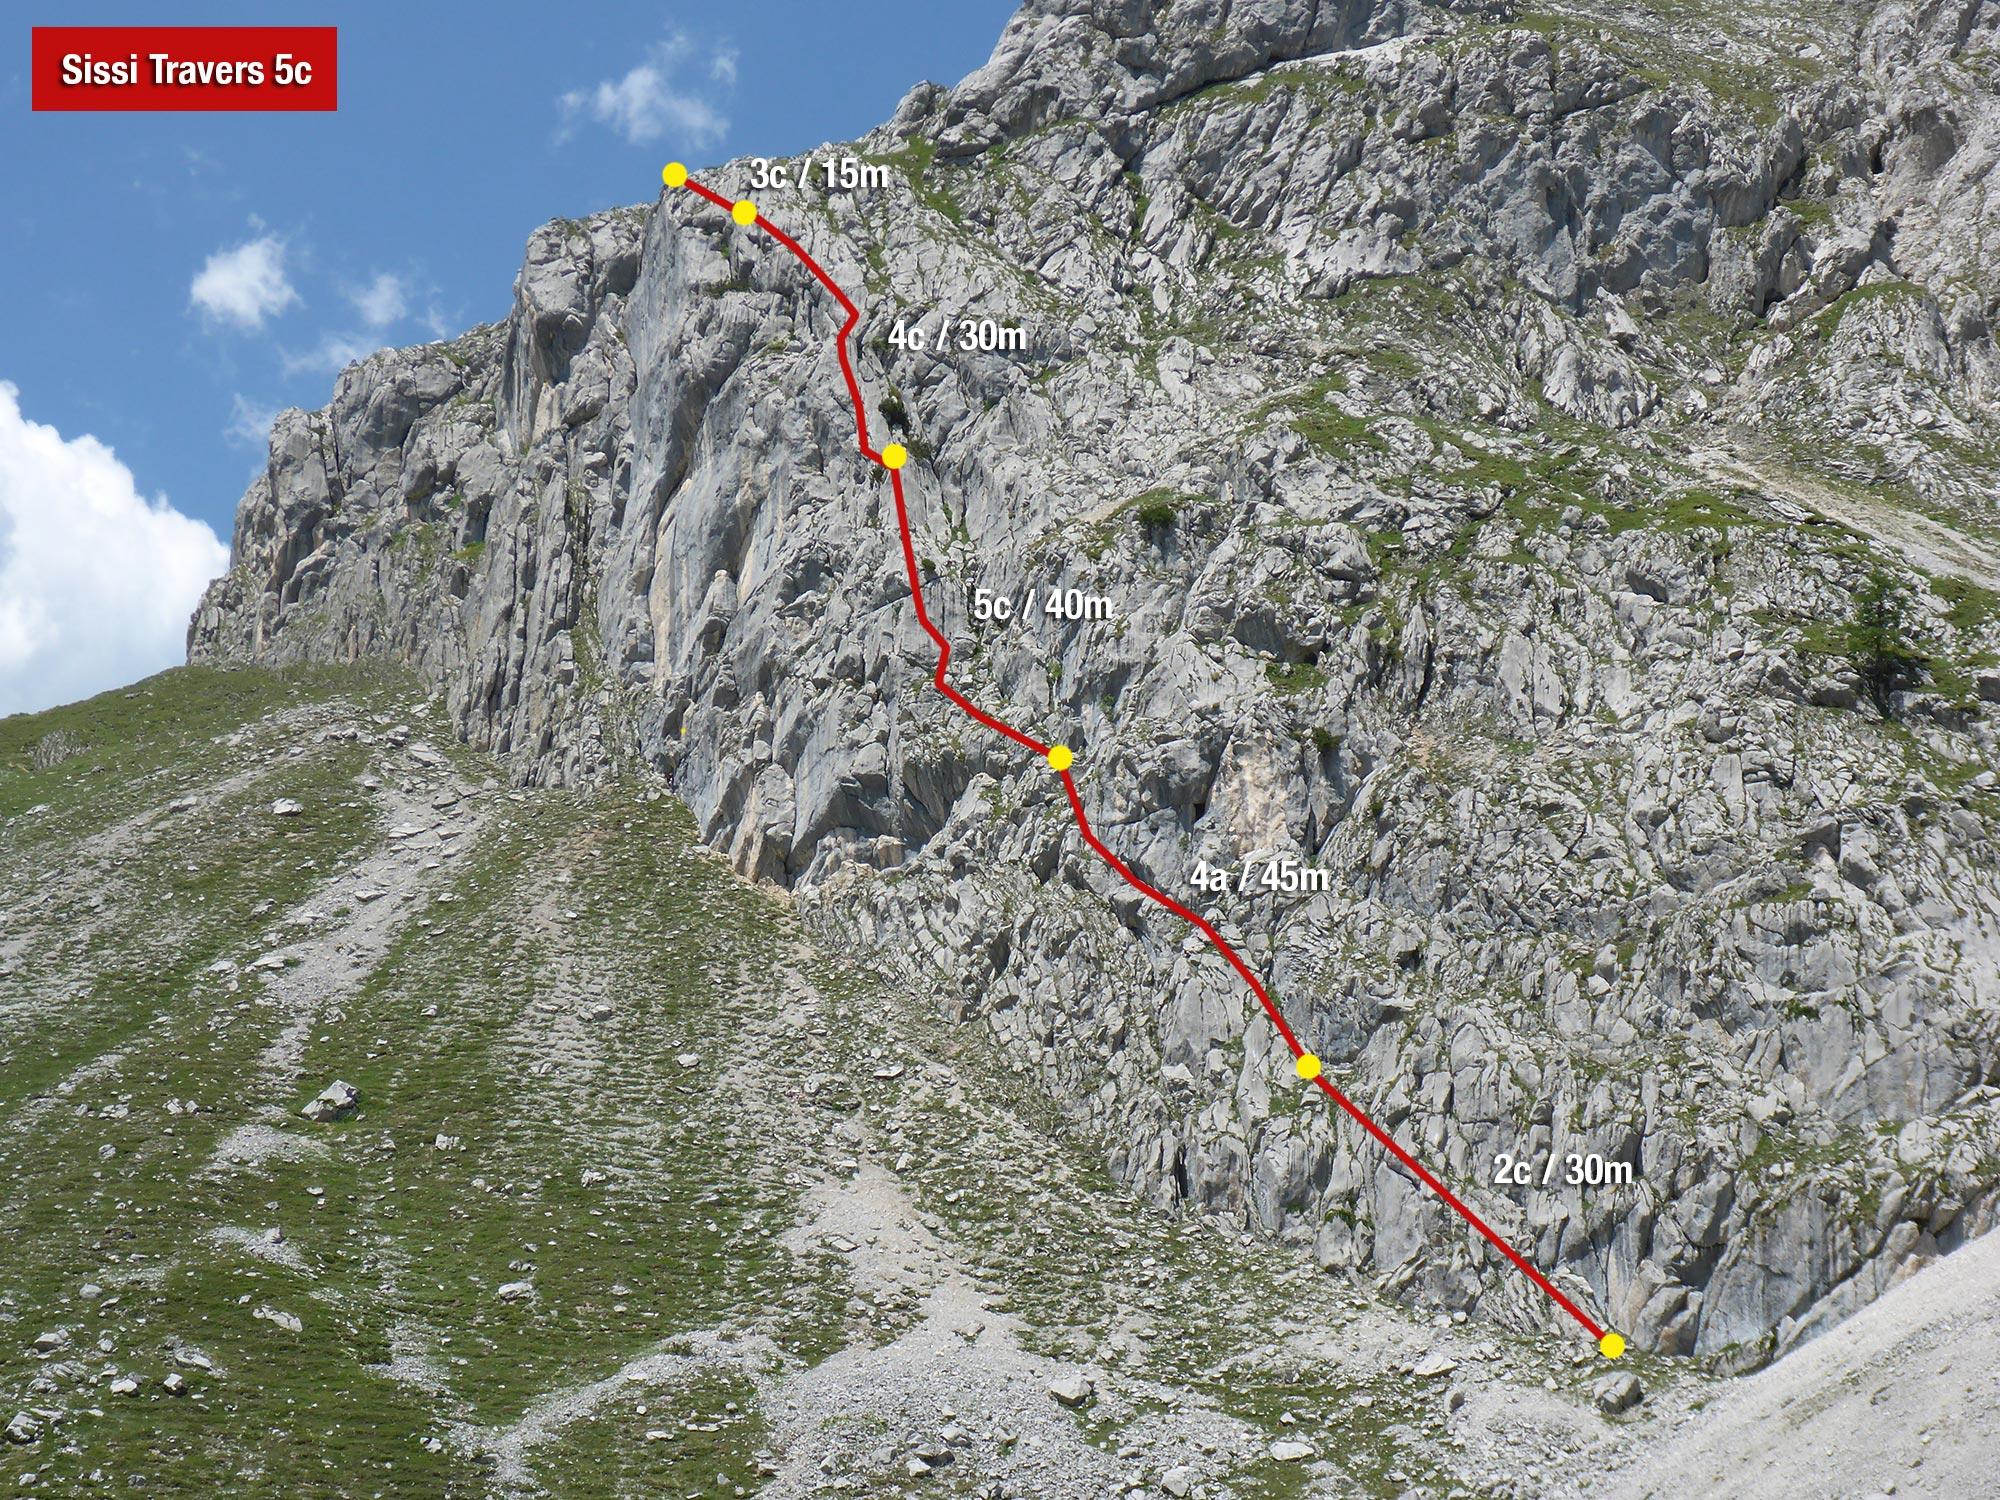 christoph-hainz-sissi-travers Coburger Hütte Kletterrouten Ehrwald Tirol